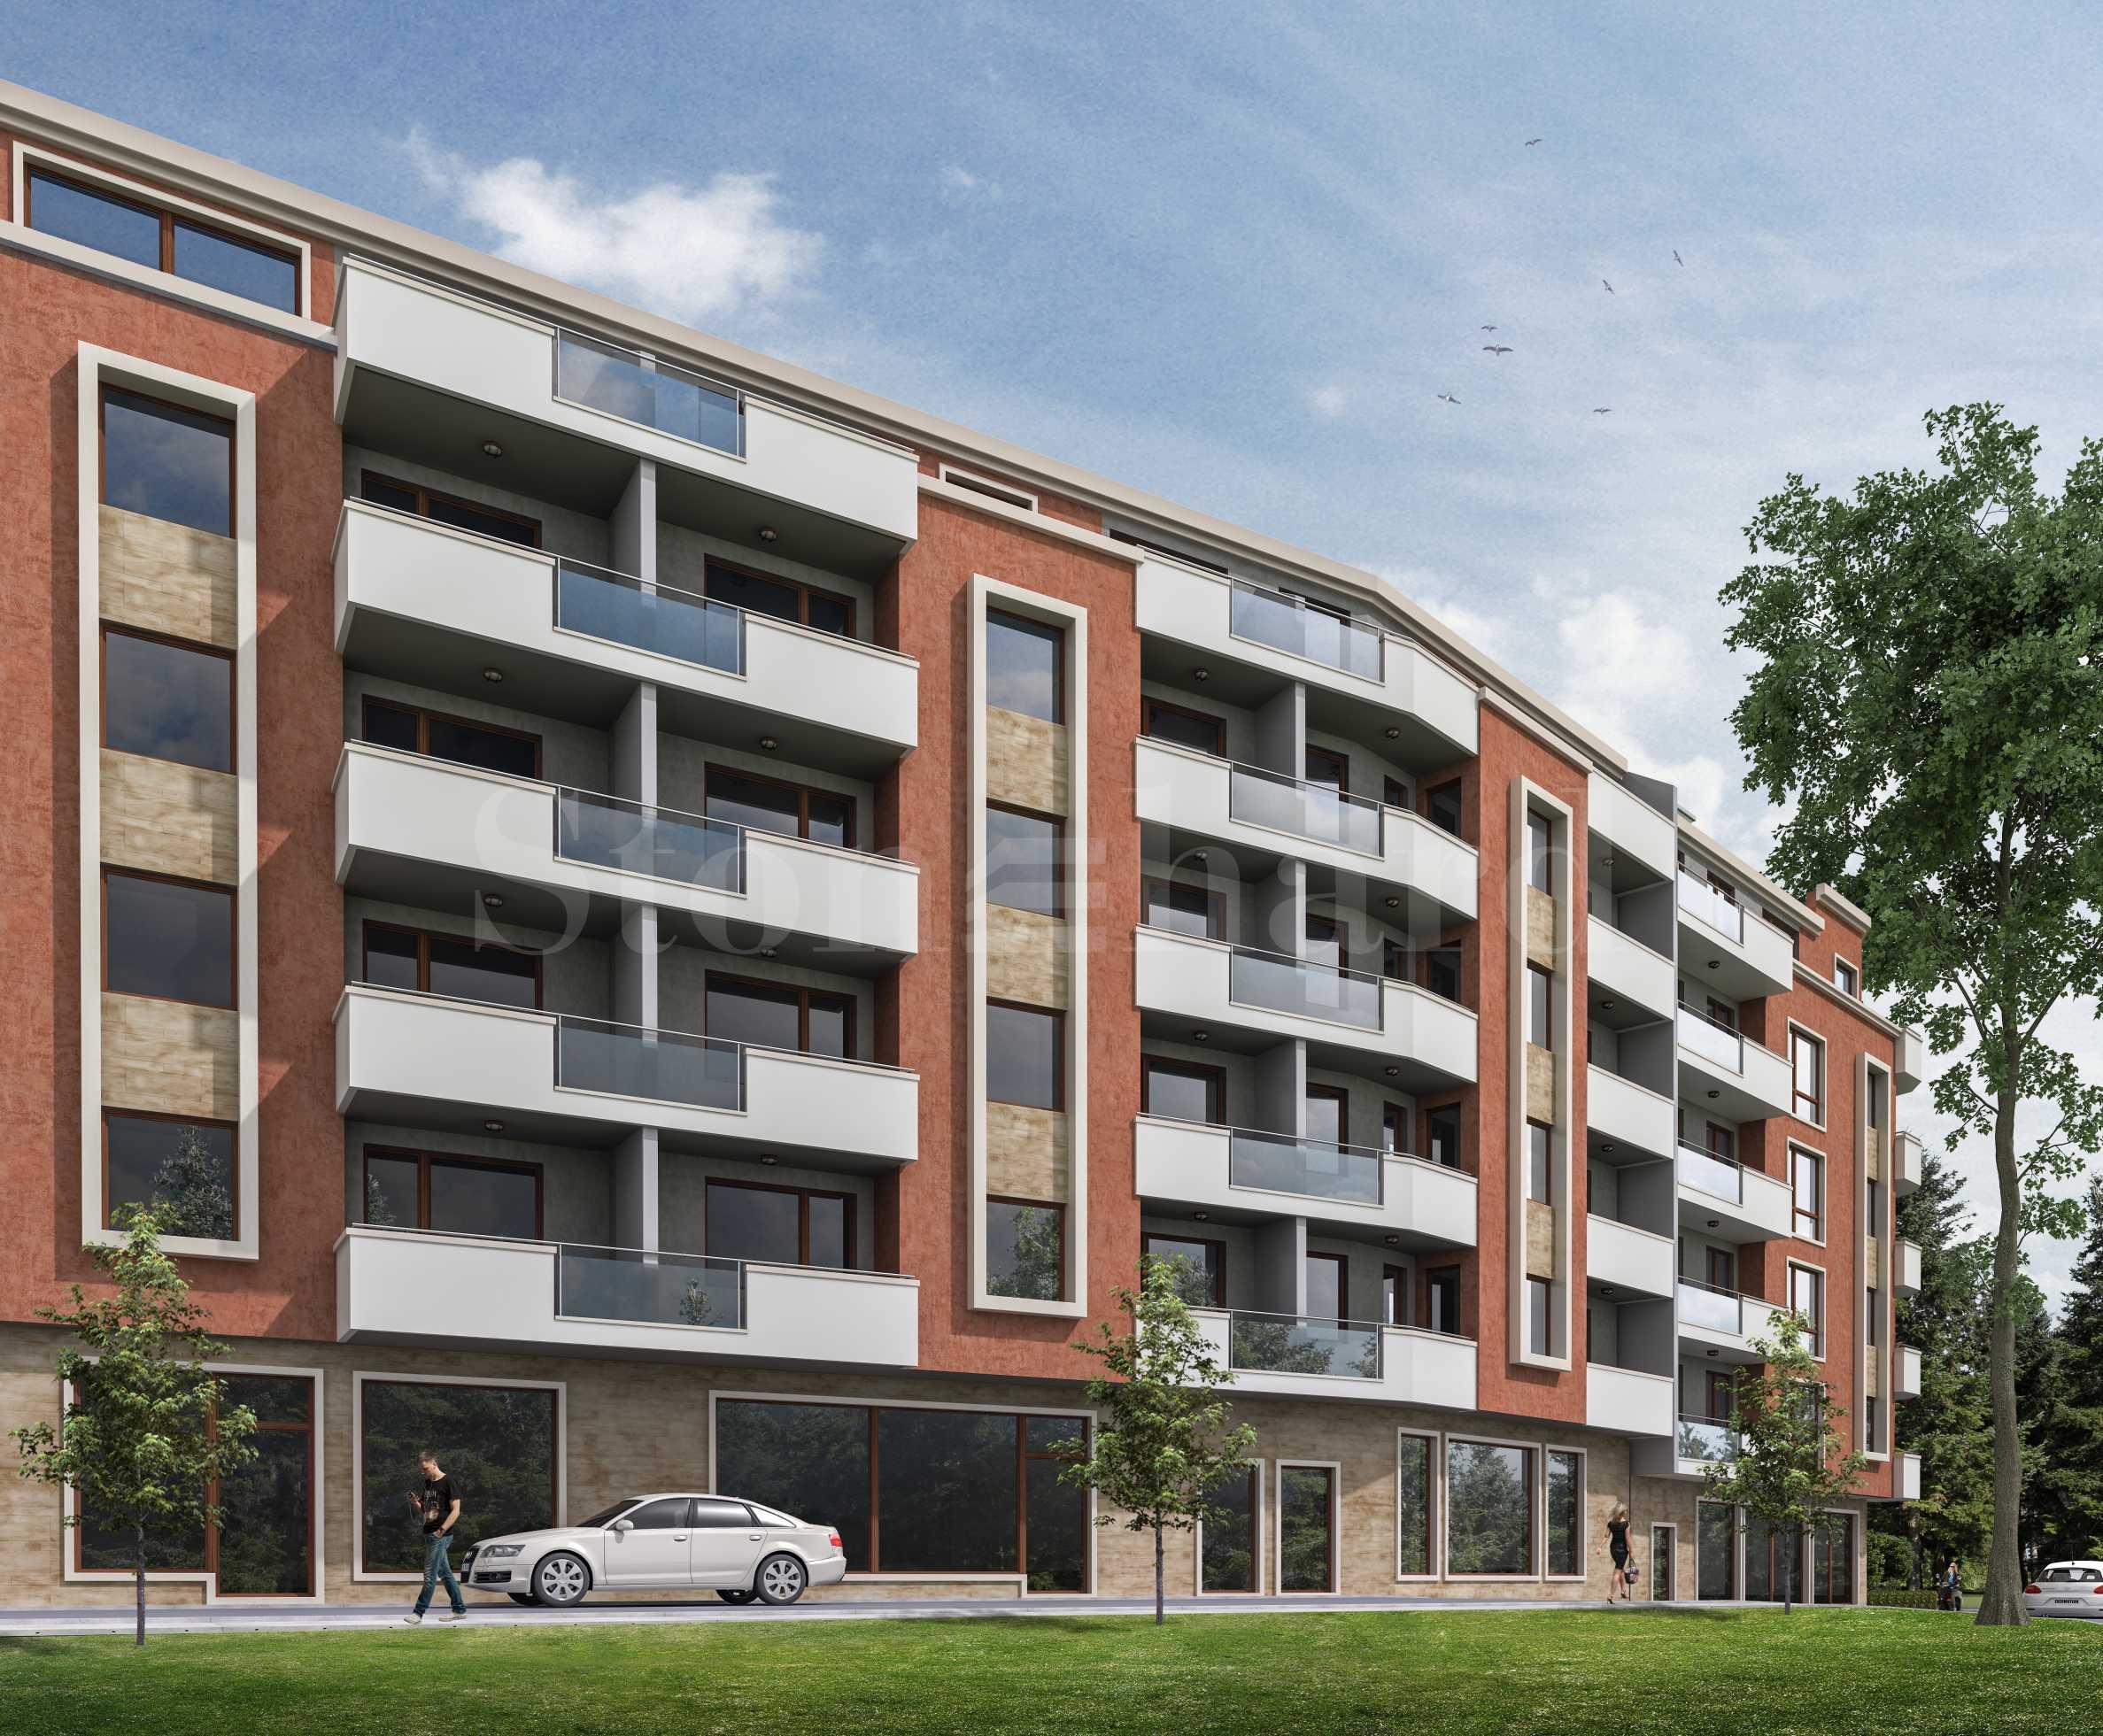 Сграда с модерна визия и отлична локация в кв. Левски, гр. Варна2 - Stonehard